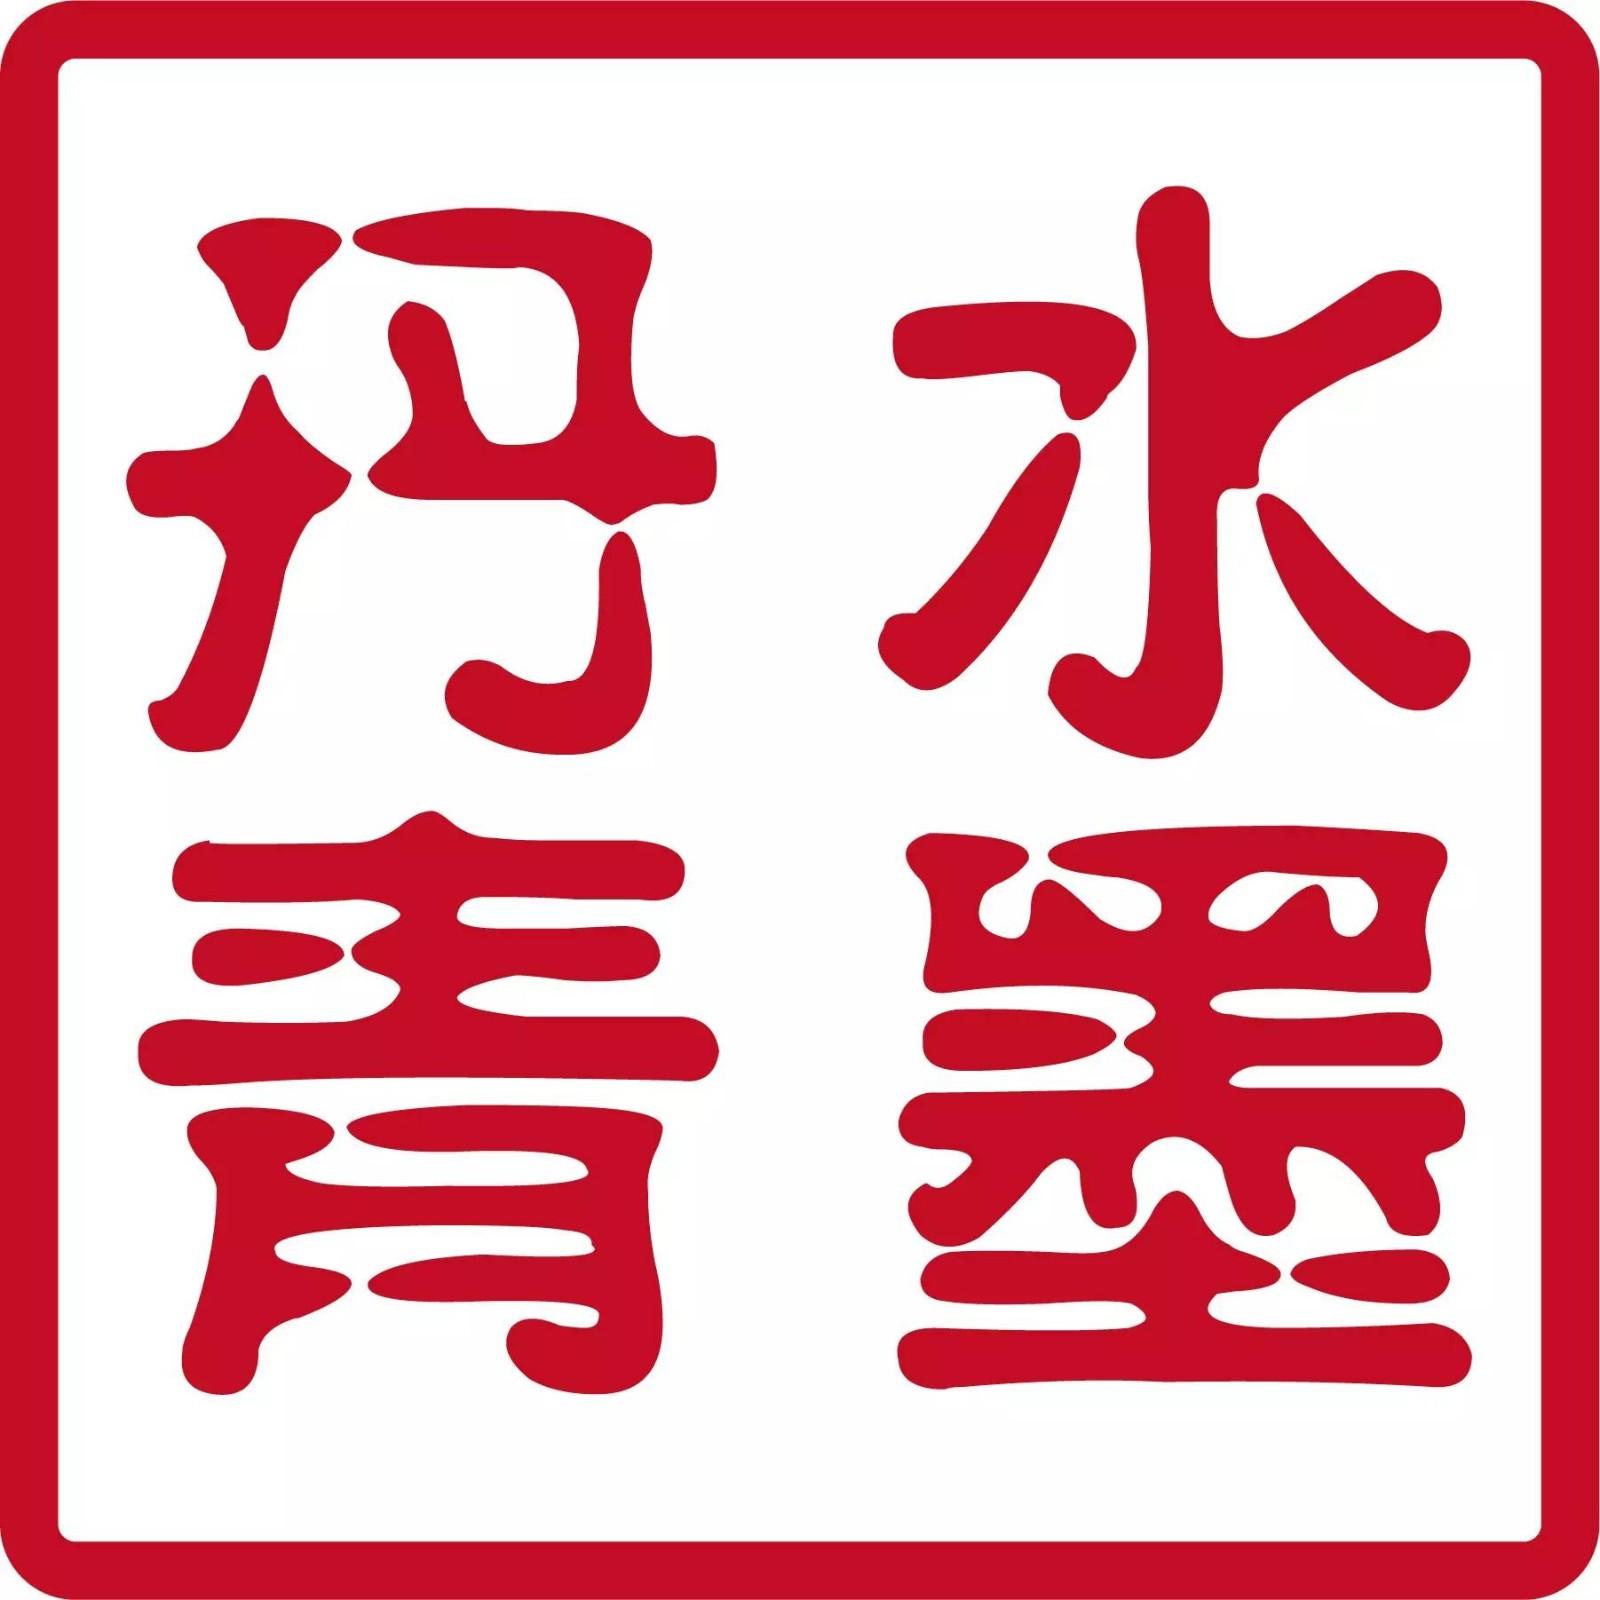 水墨丹青文化艺术发展有限公司